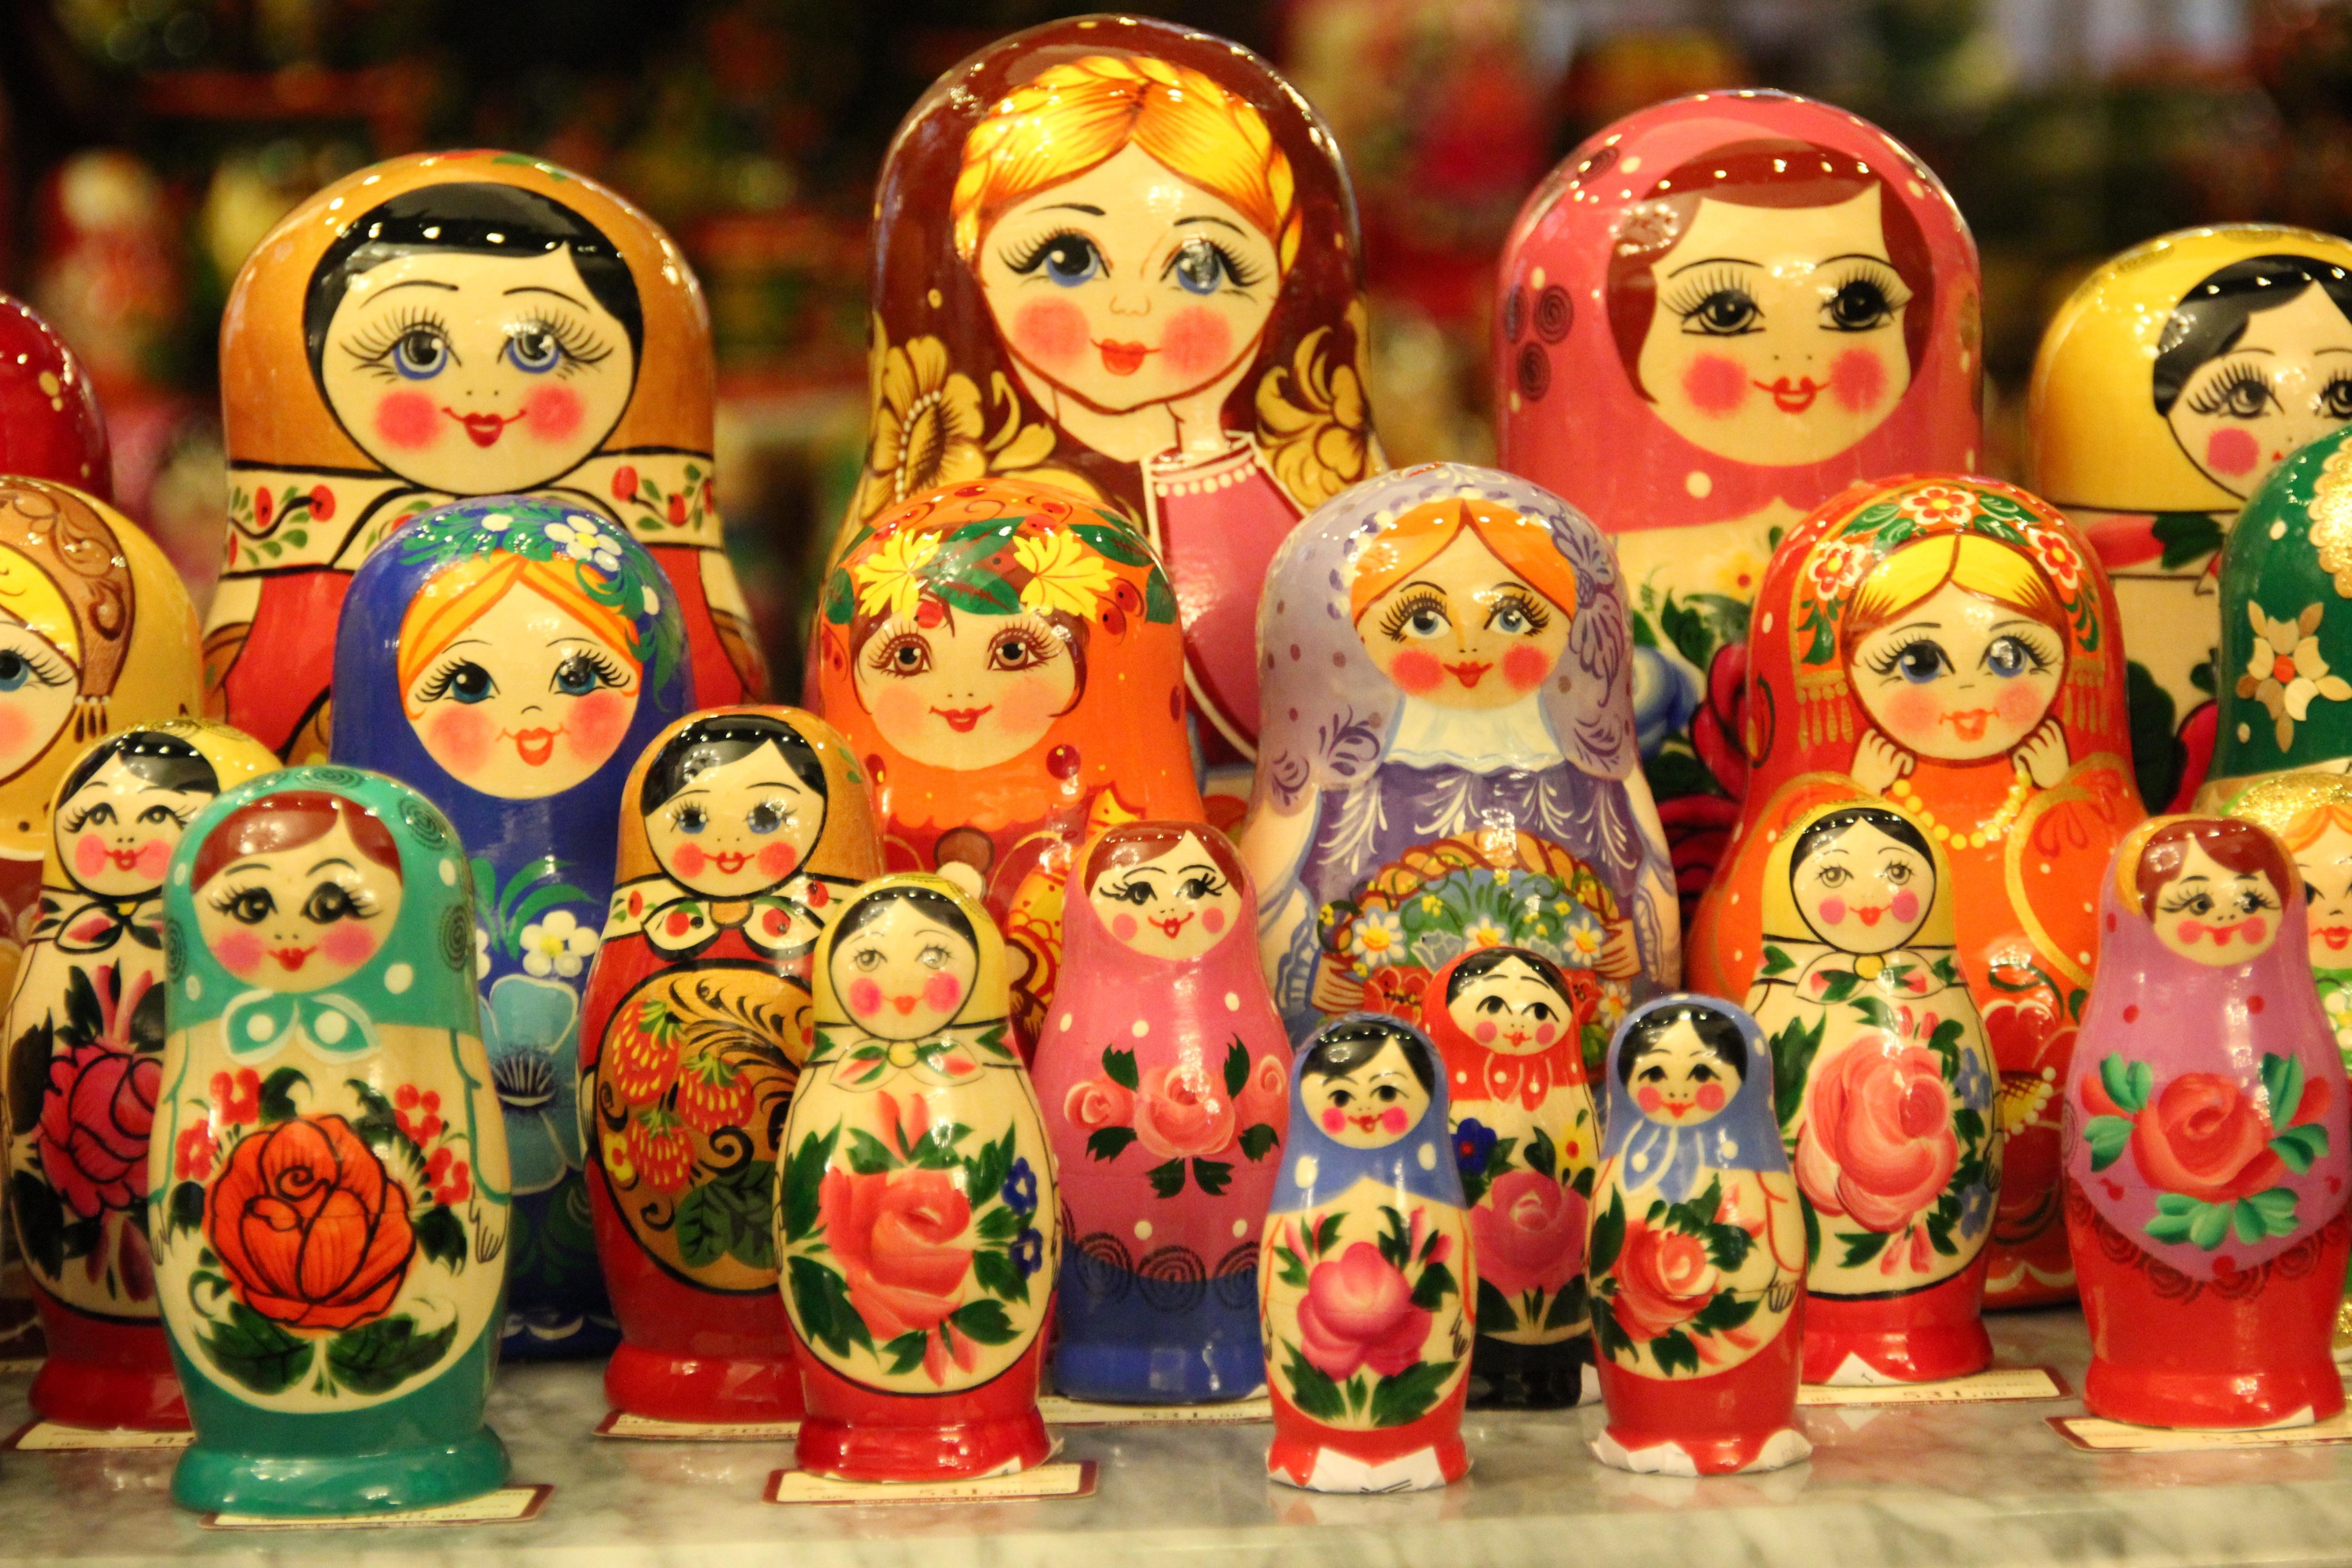 Февраля дорогой, картинки матрешек русских